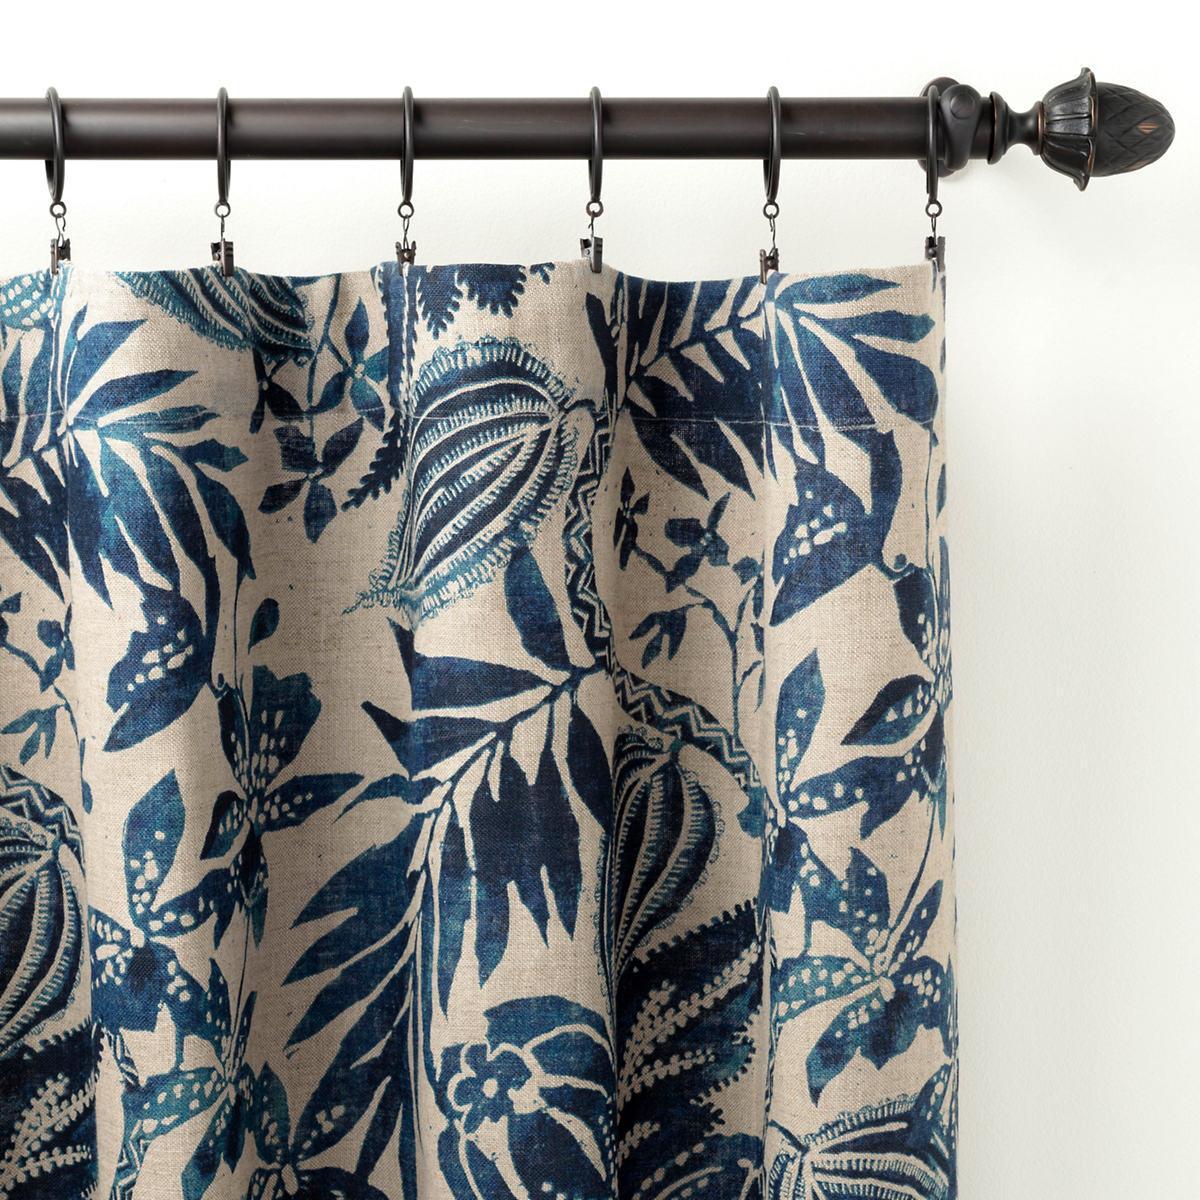 Antigua Linen Curtain Panel